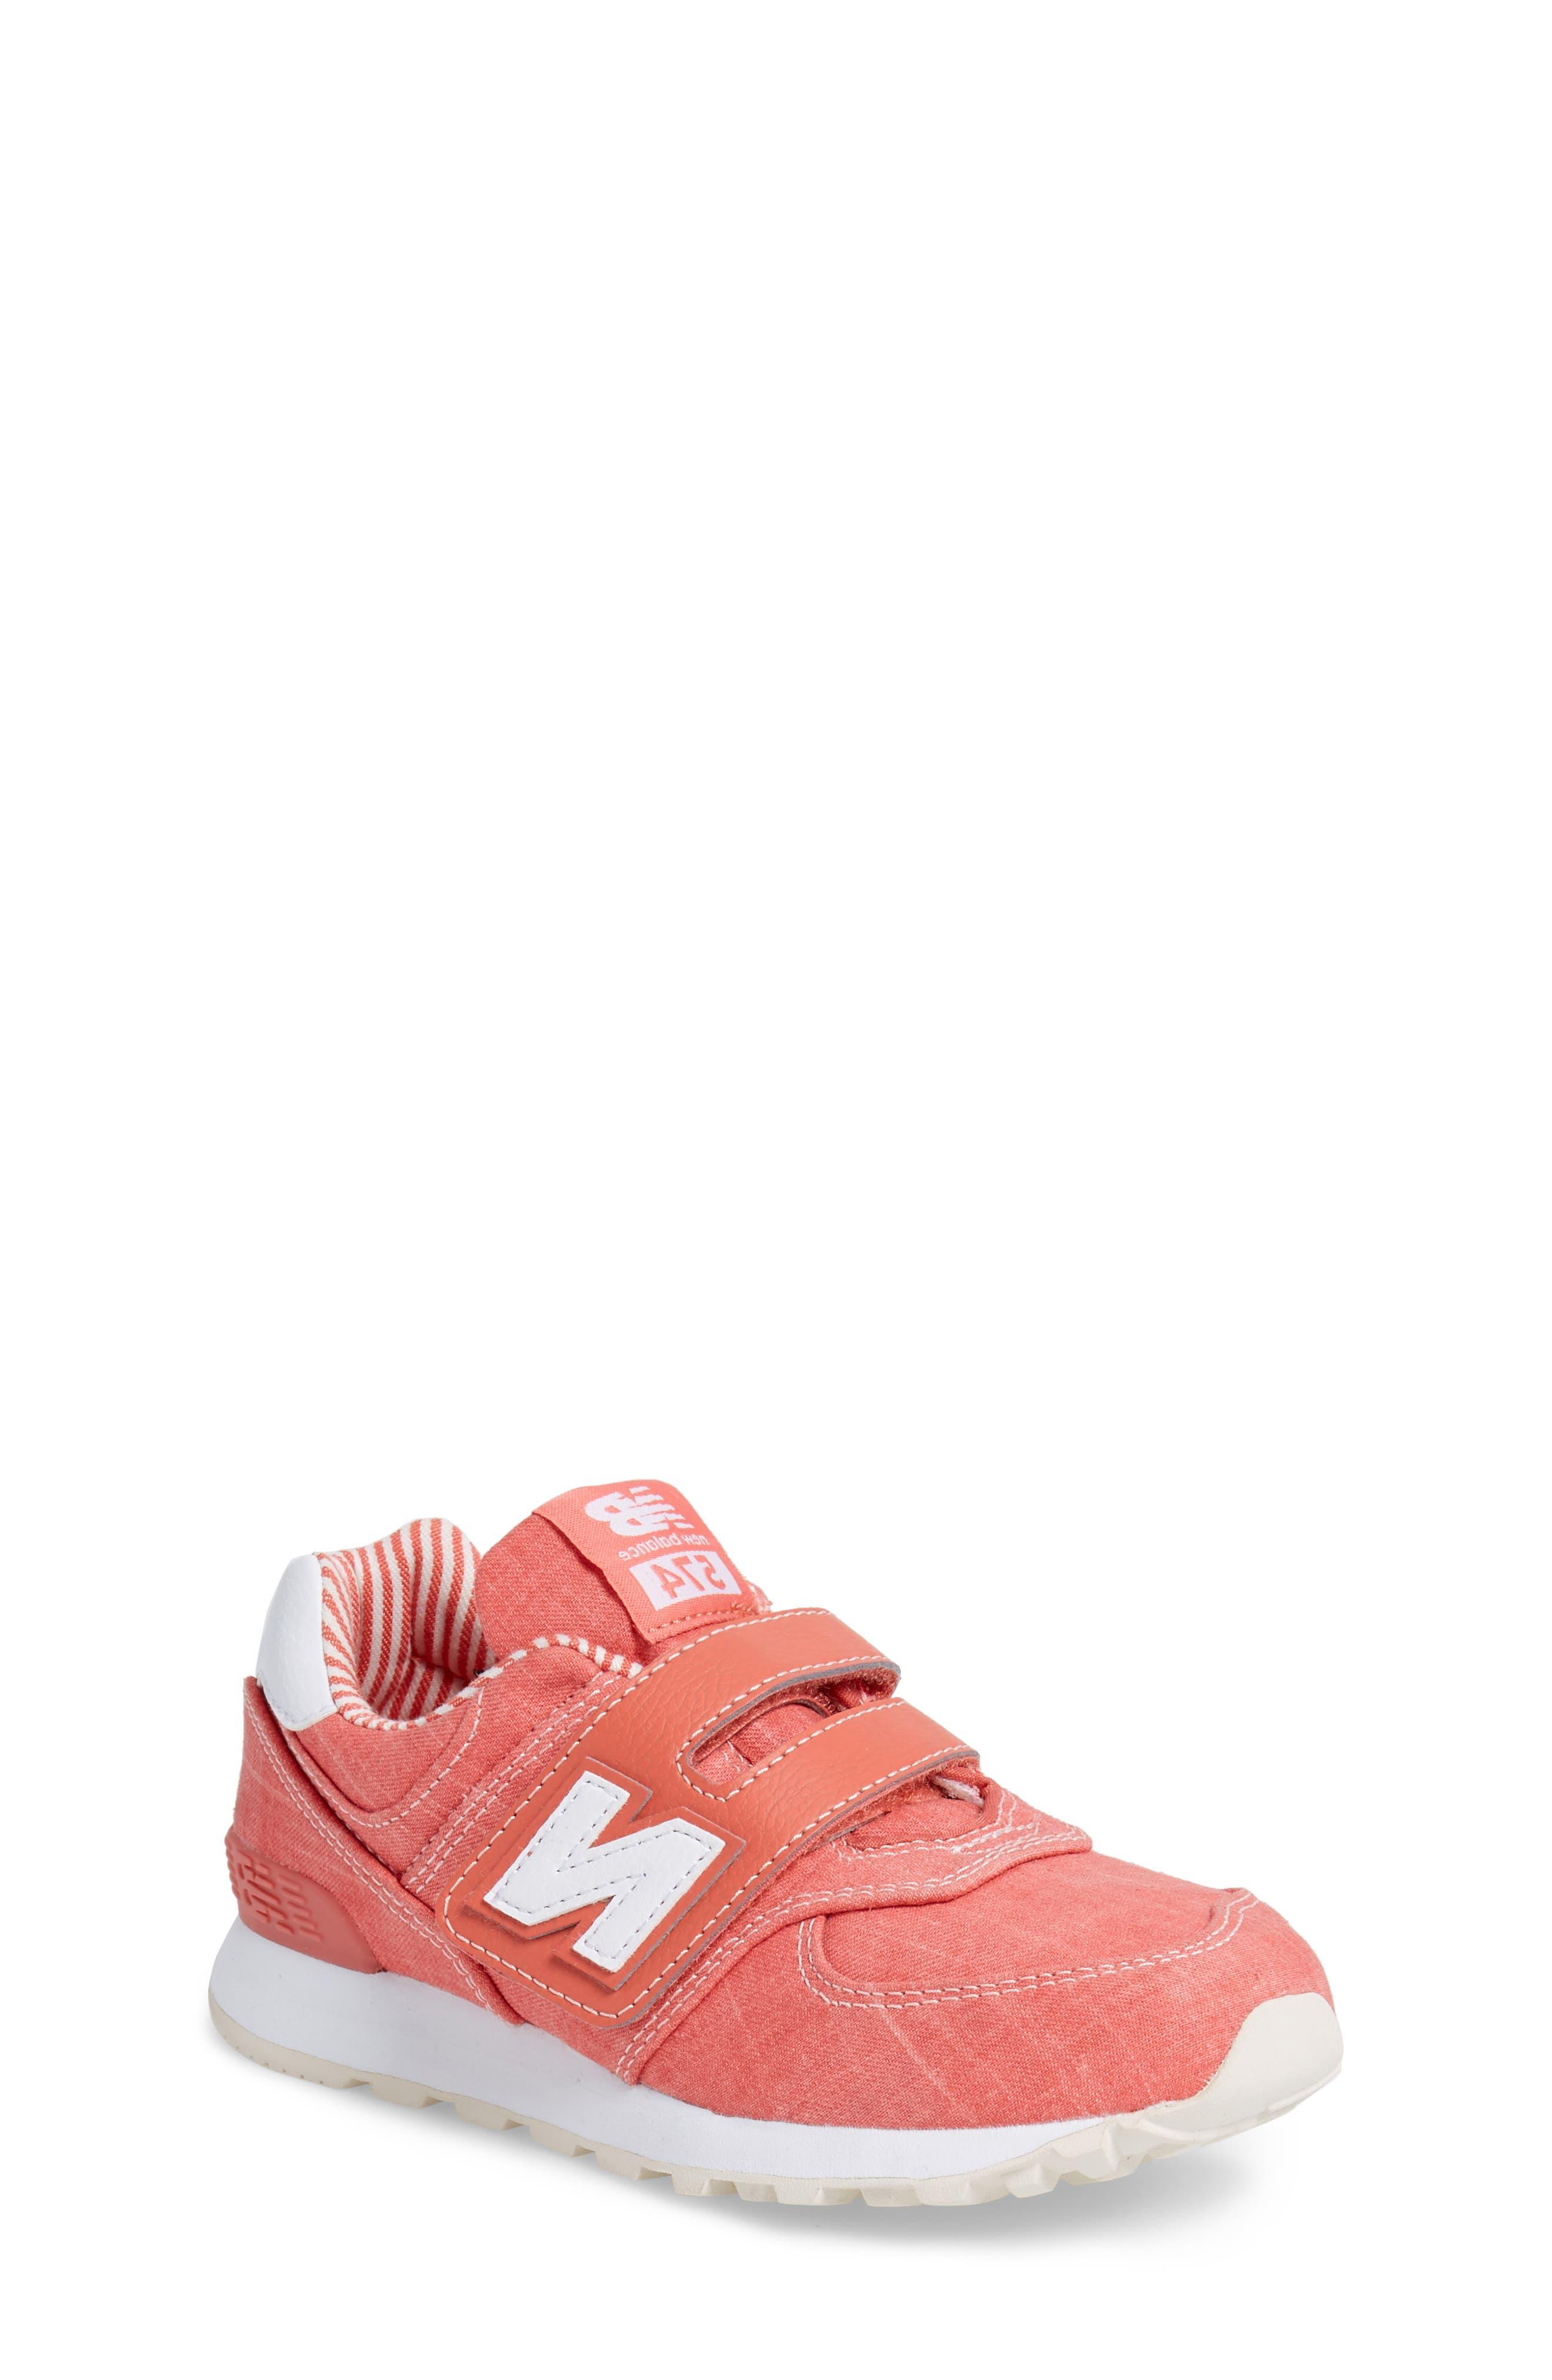 574v1 Sneaker,                         Main,                         color, Coral